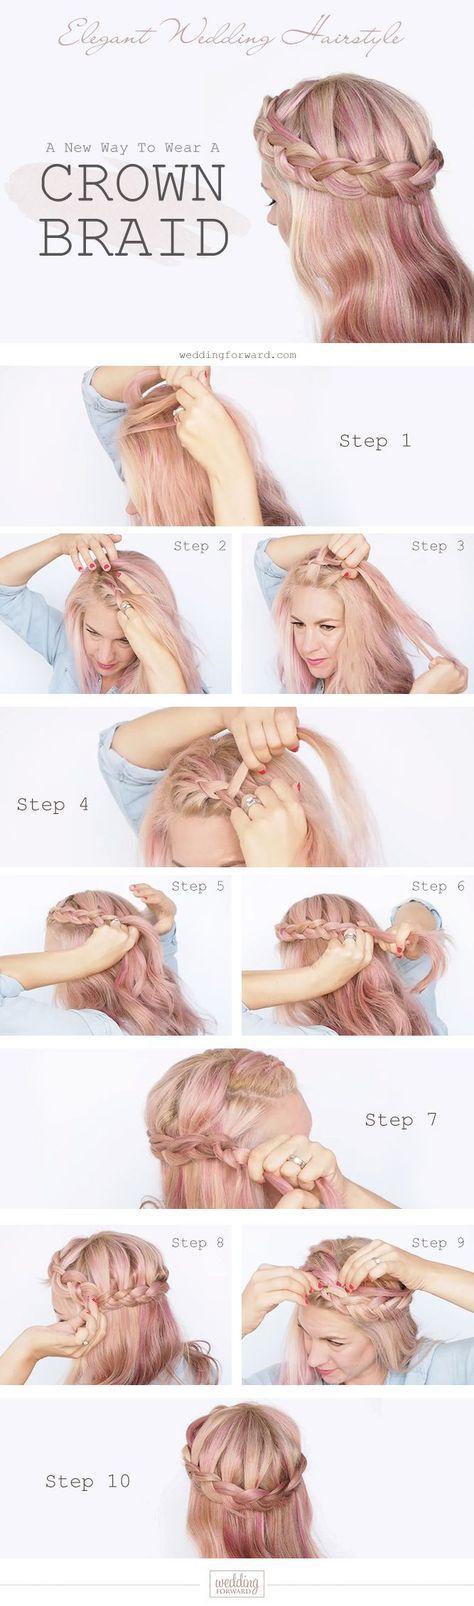 Haare schneiden süßes Outfit 17 Super Ideas – Braids etc